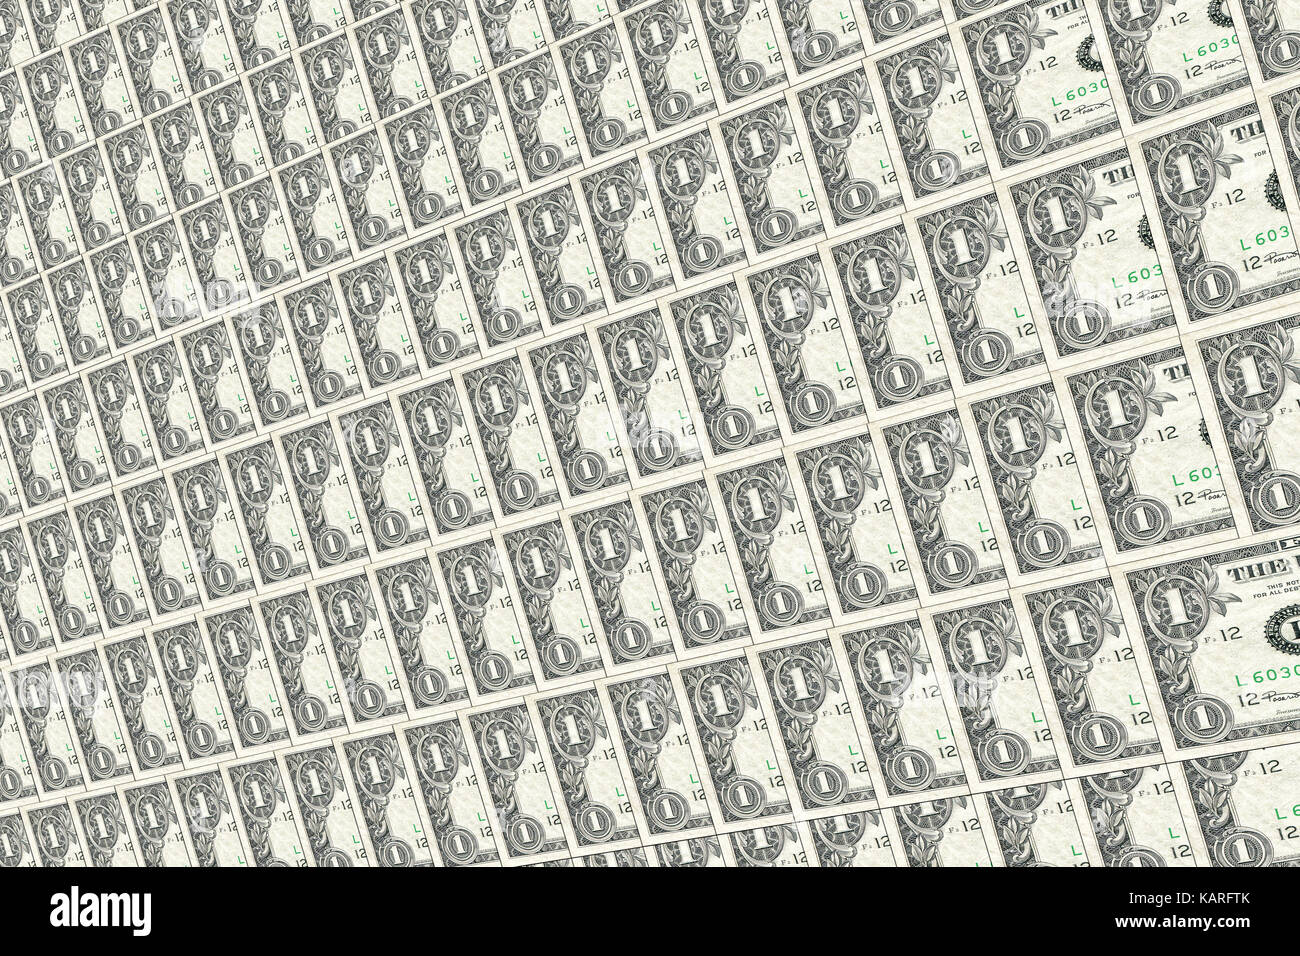 Alte Dollar Noten Hintergrund. Texturen und Hintergründe. Stockbild